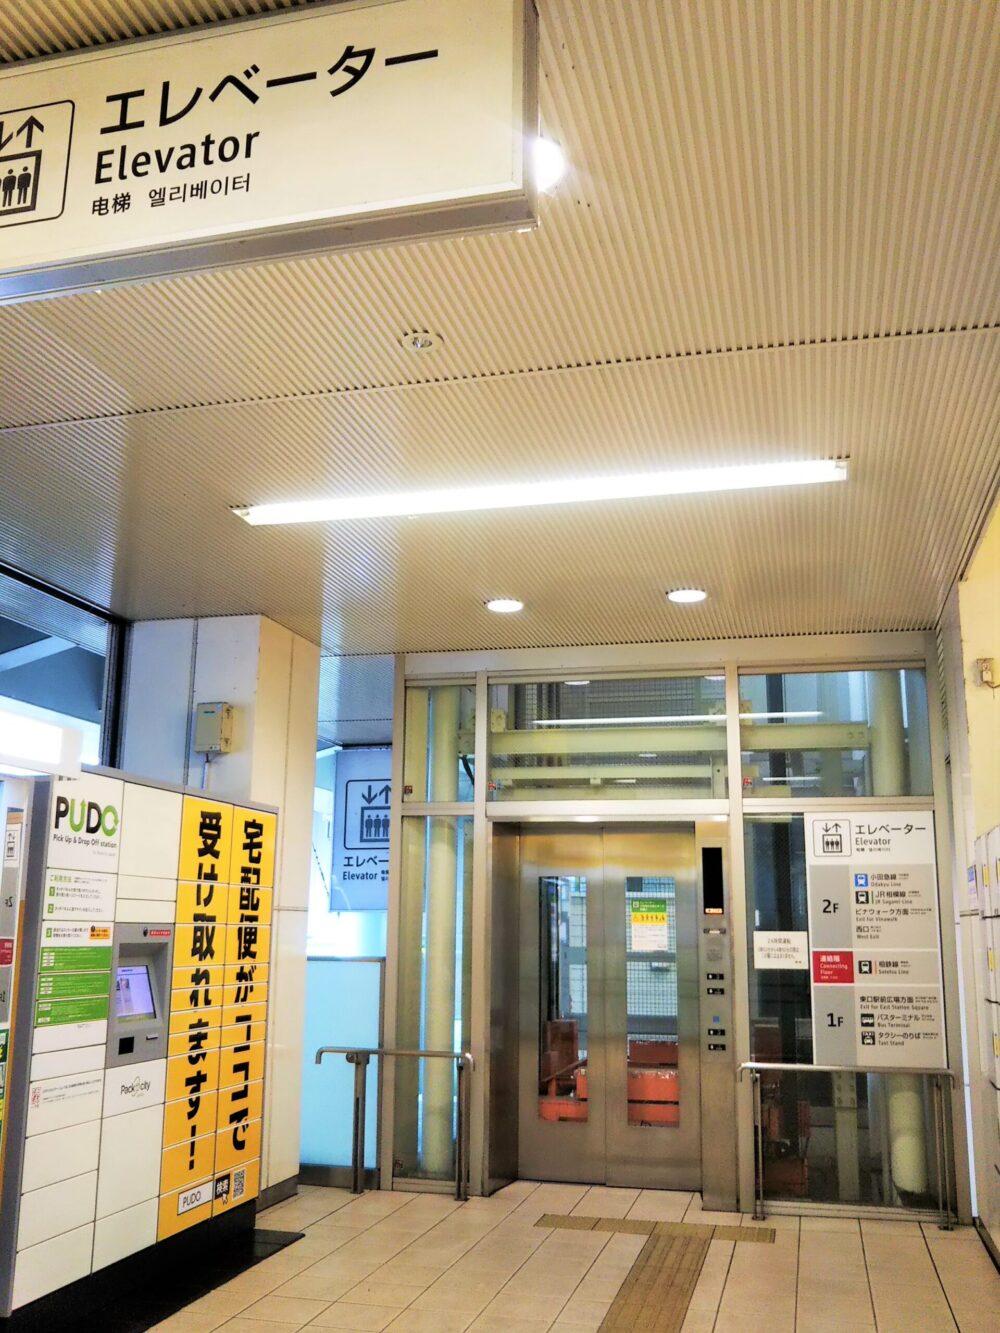 海老名駅相鉄線改札周辺のエレベーター